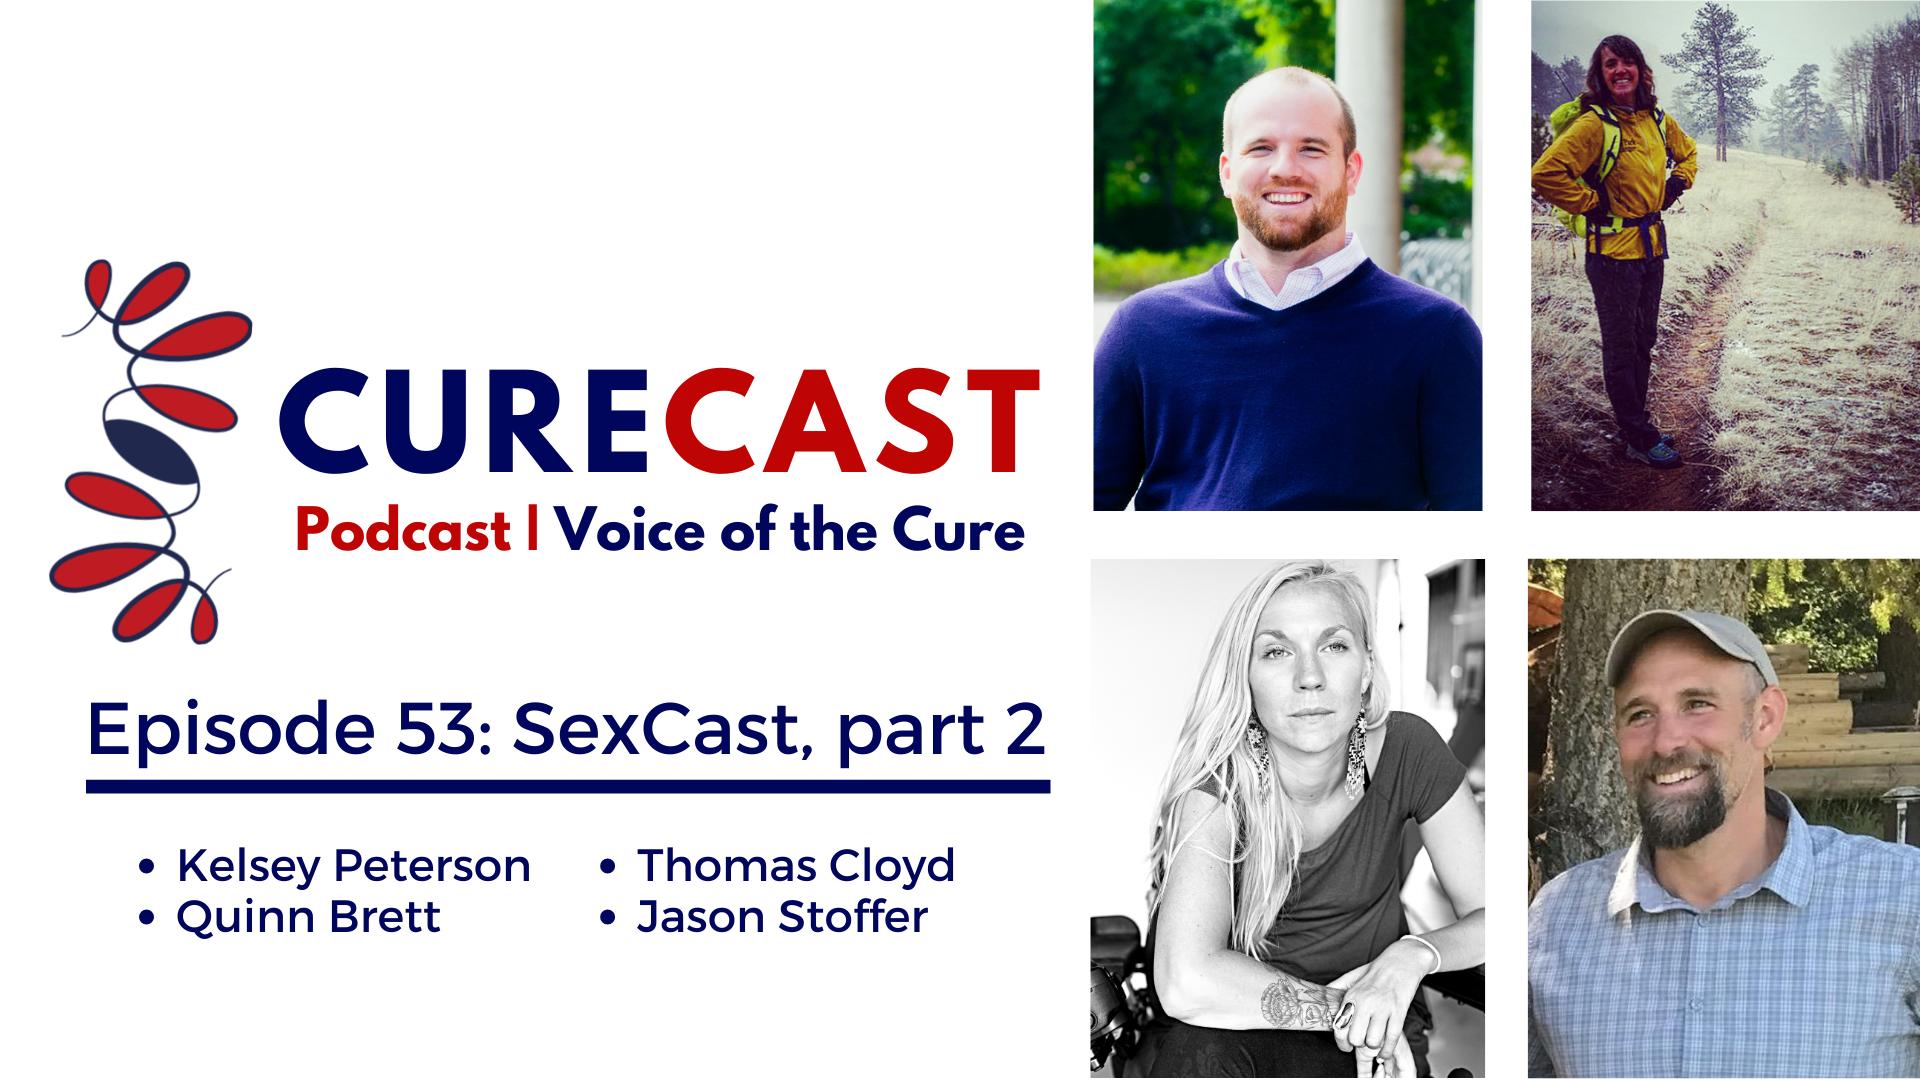 CureCast Episode 53: SexCast, part 2